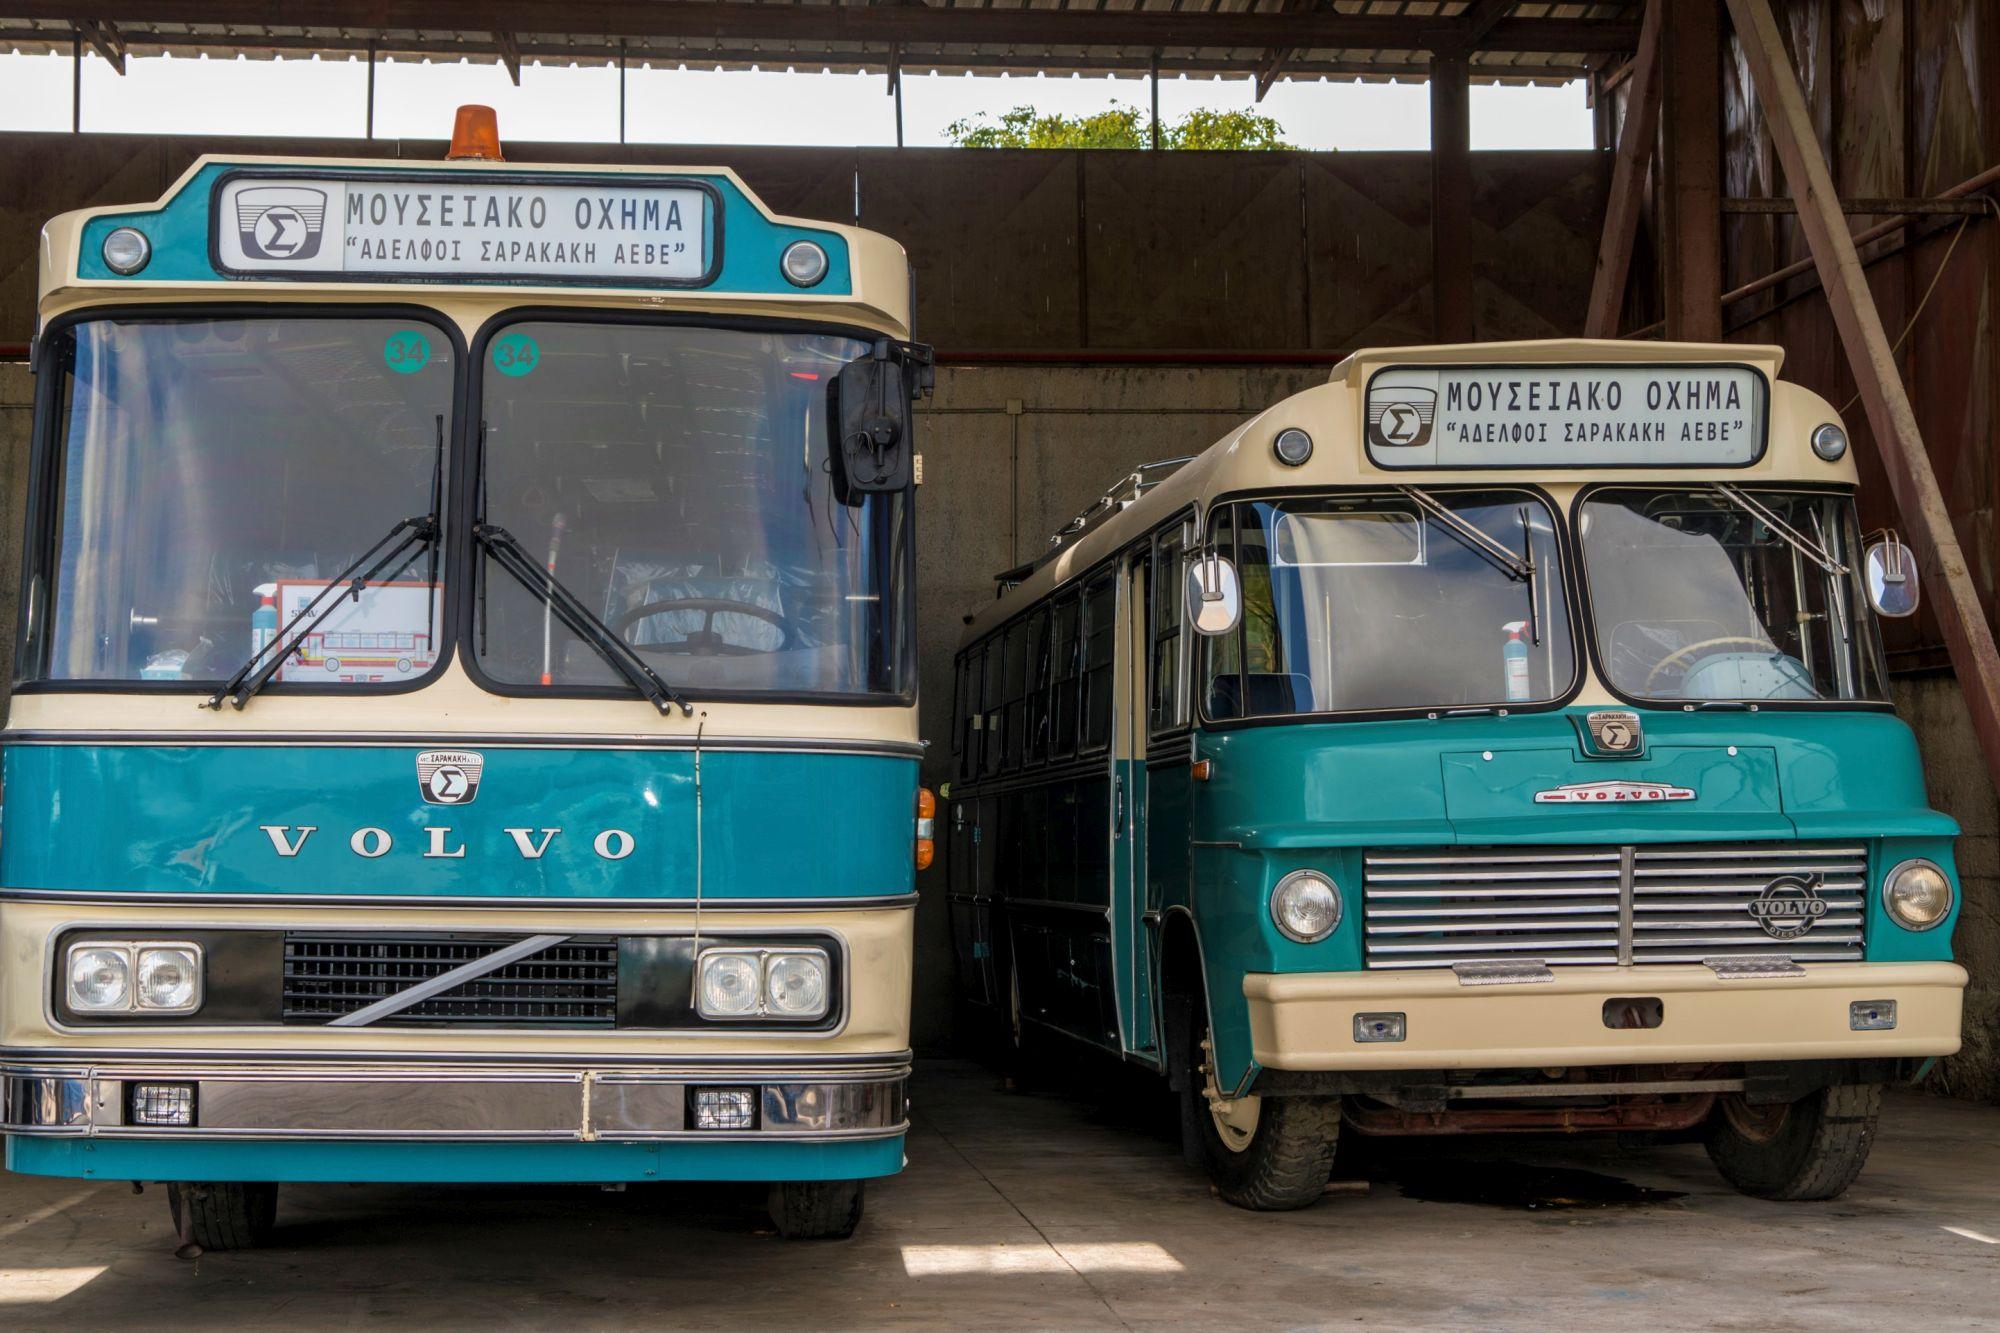 Ξενάγηση στα μουσικά λεωφορεία του Ομίλου Σαρακάκη